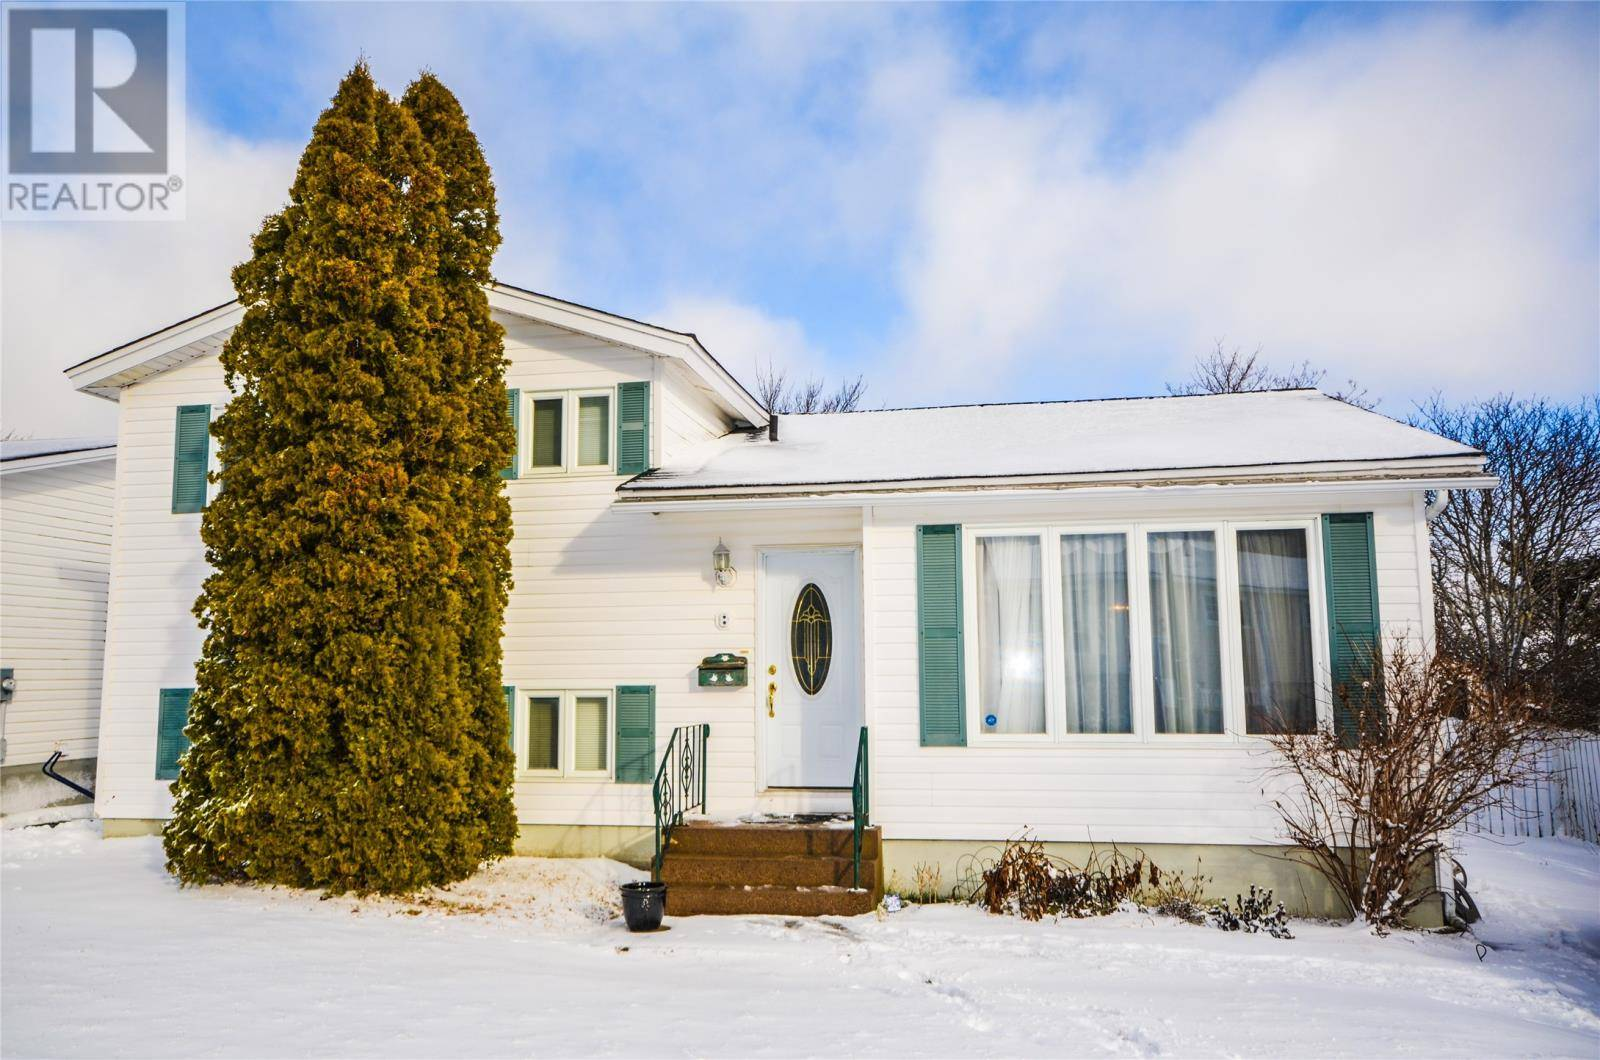 House for sale at 8 Ledrews Pl Mount Pearl Newfoundland - MLS: 1209119